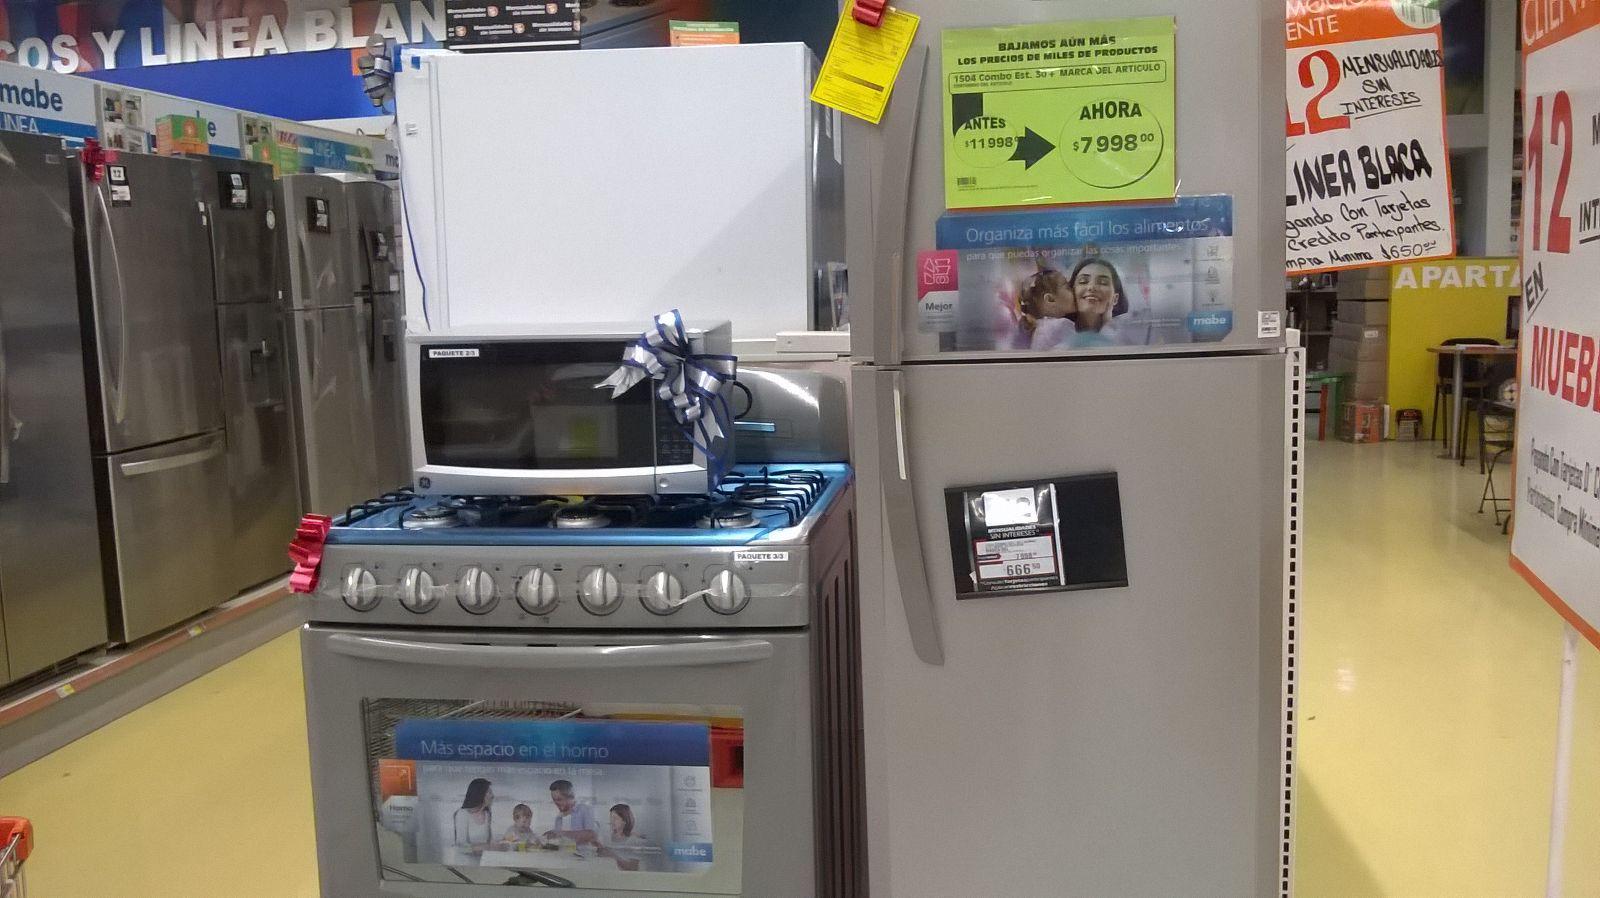 Paquete de electrodomesticos en La Comer desde $7,989.00